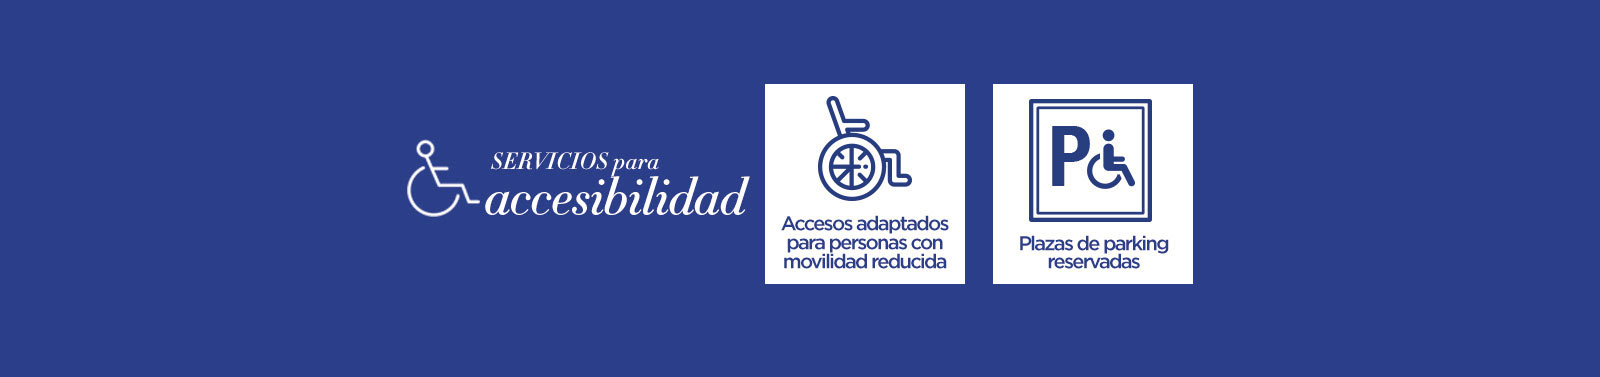 servicios-accesibilidad